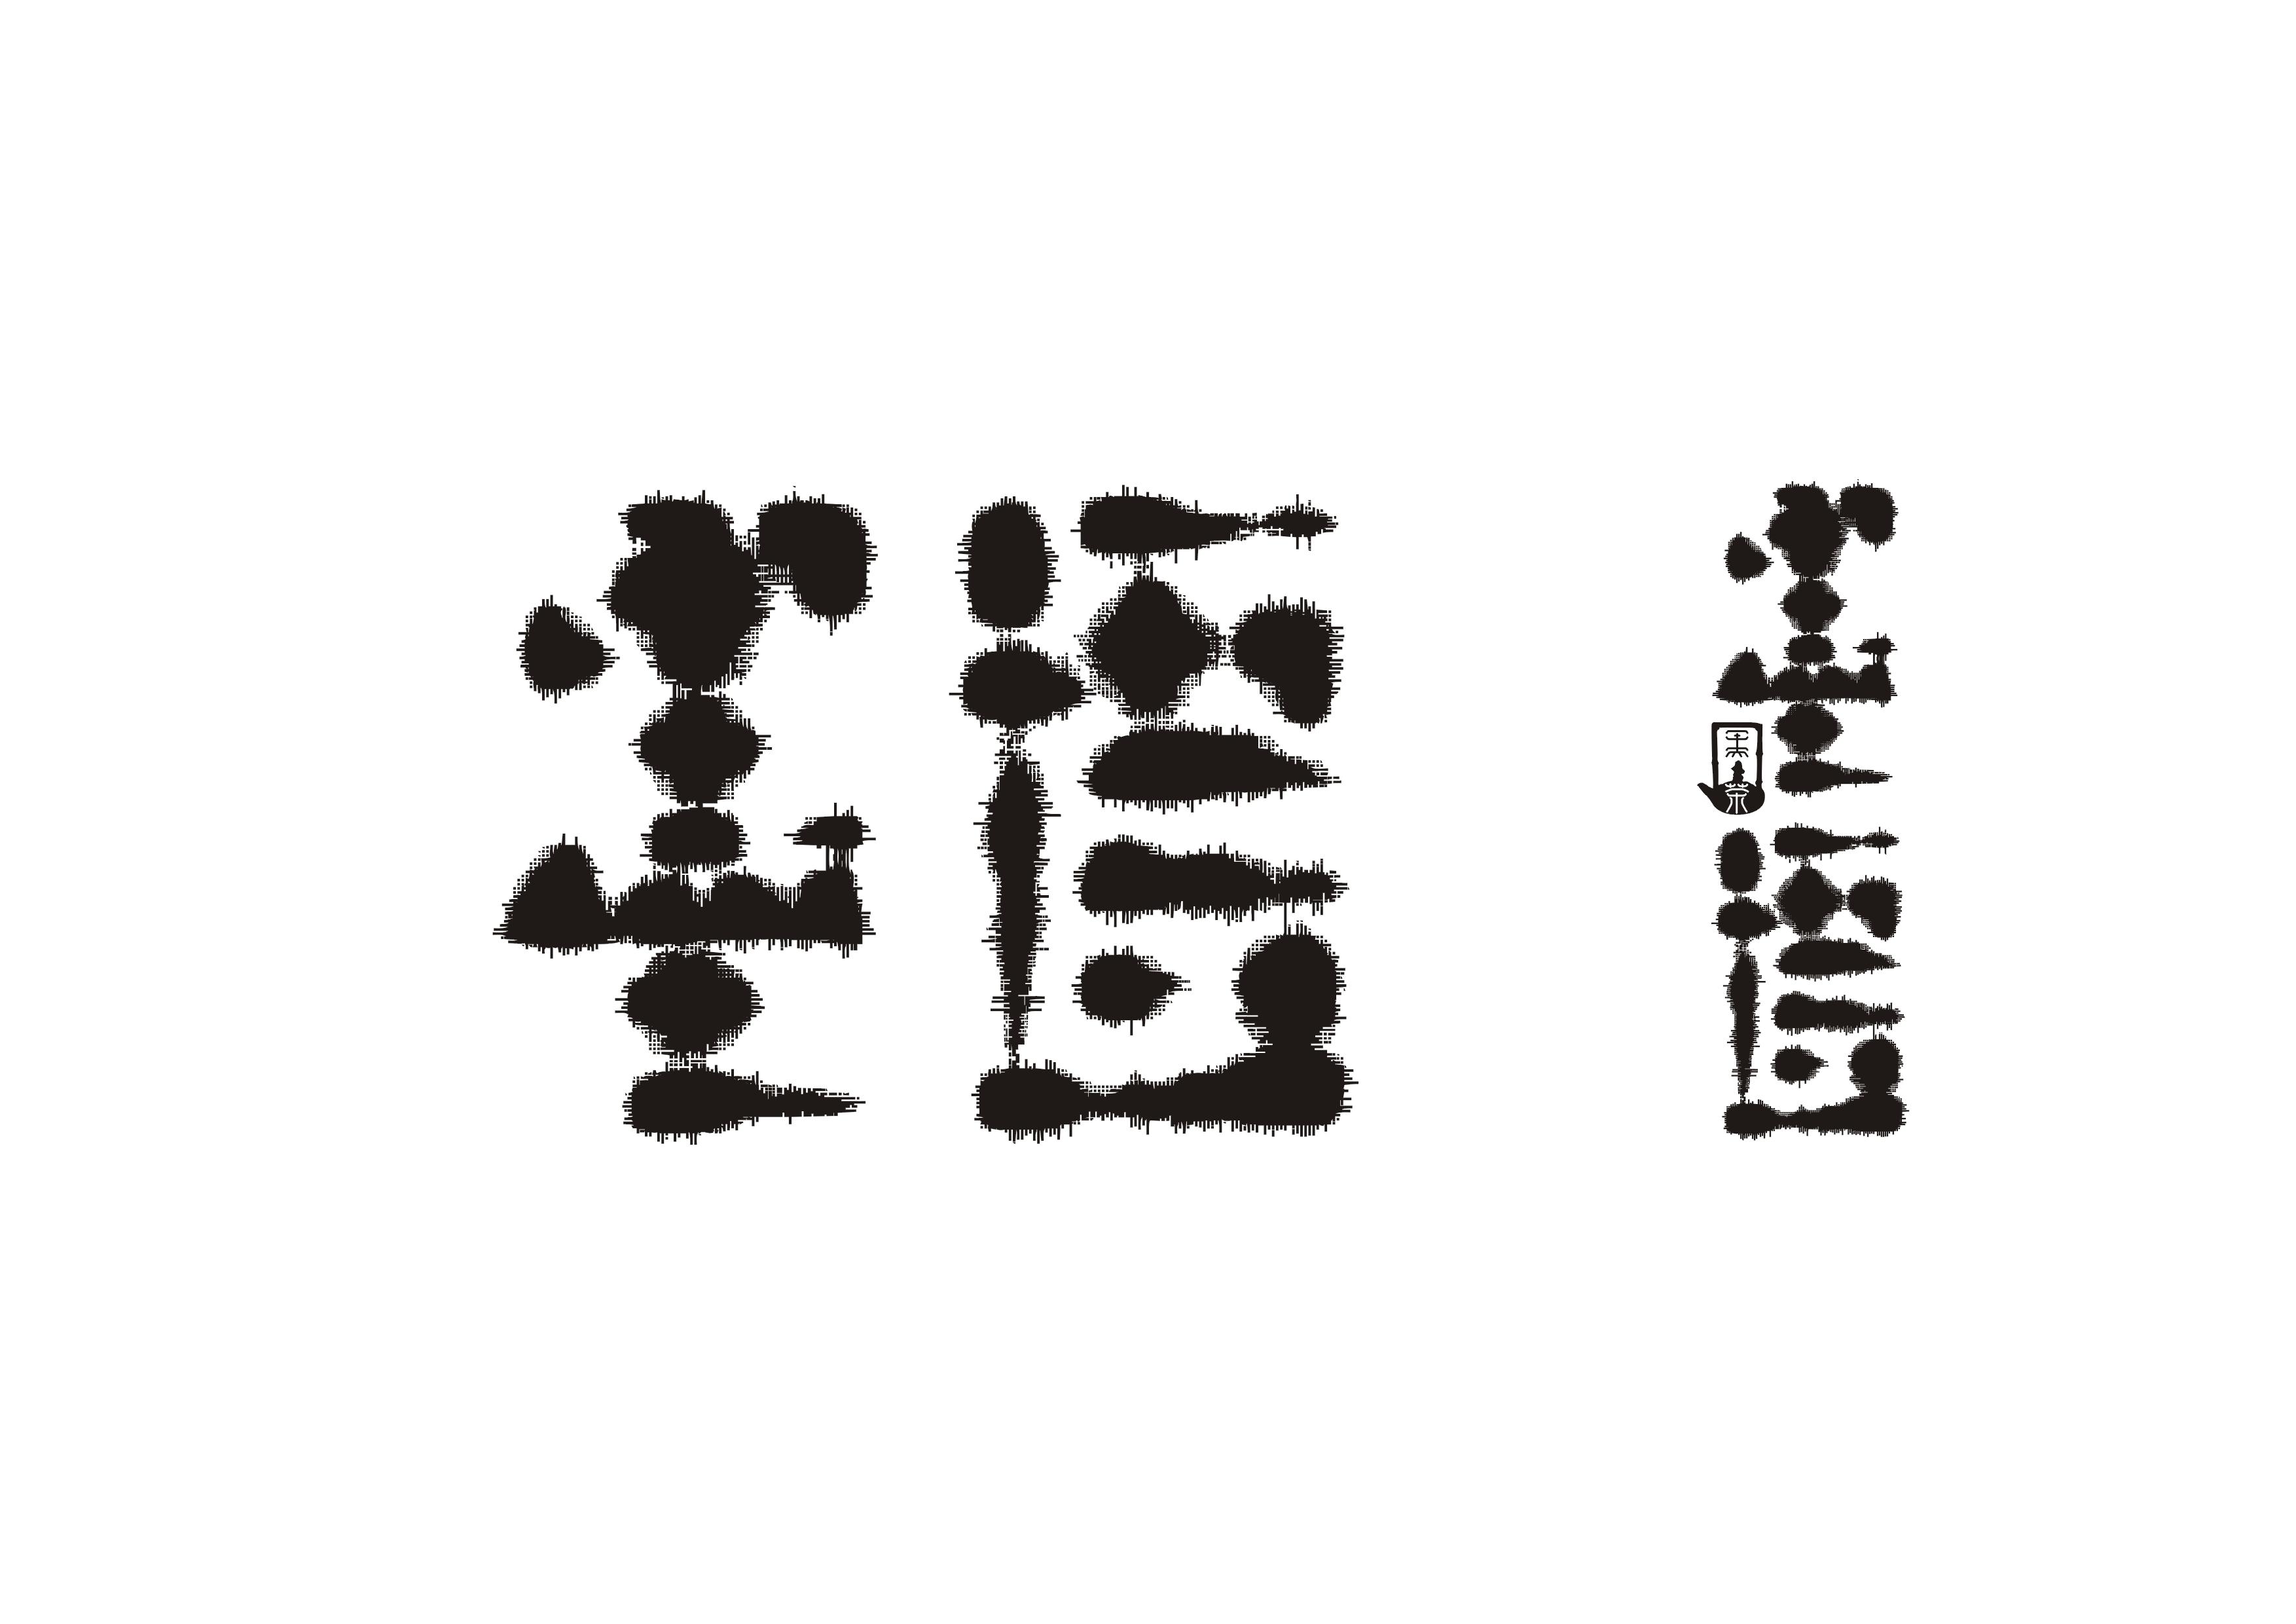 """汉字说明:主原型文字以字形图形创意""""墨语""""为品牌,""""墨语""""名称以横平当今世界有名的室内设计师图片"""